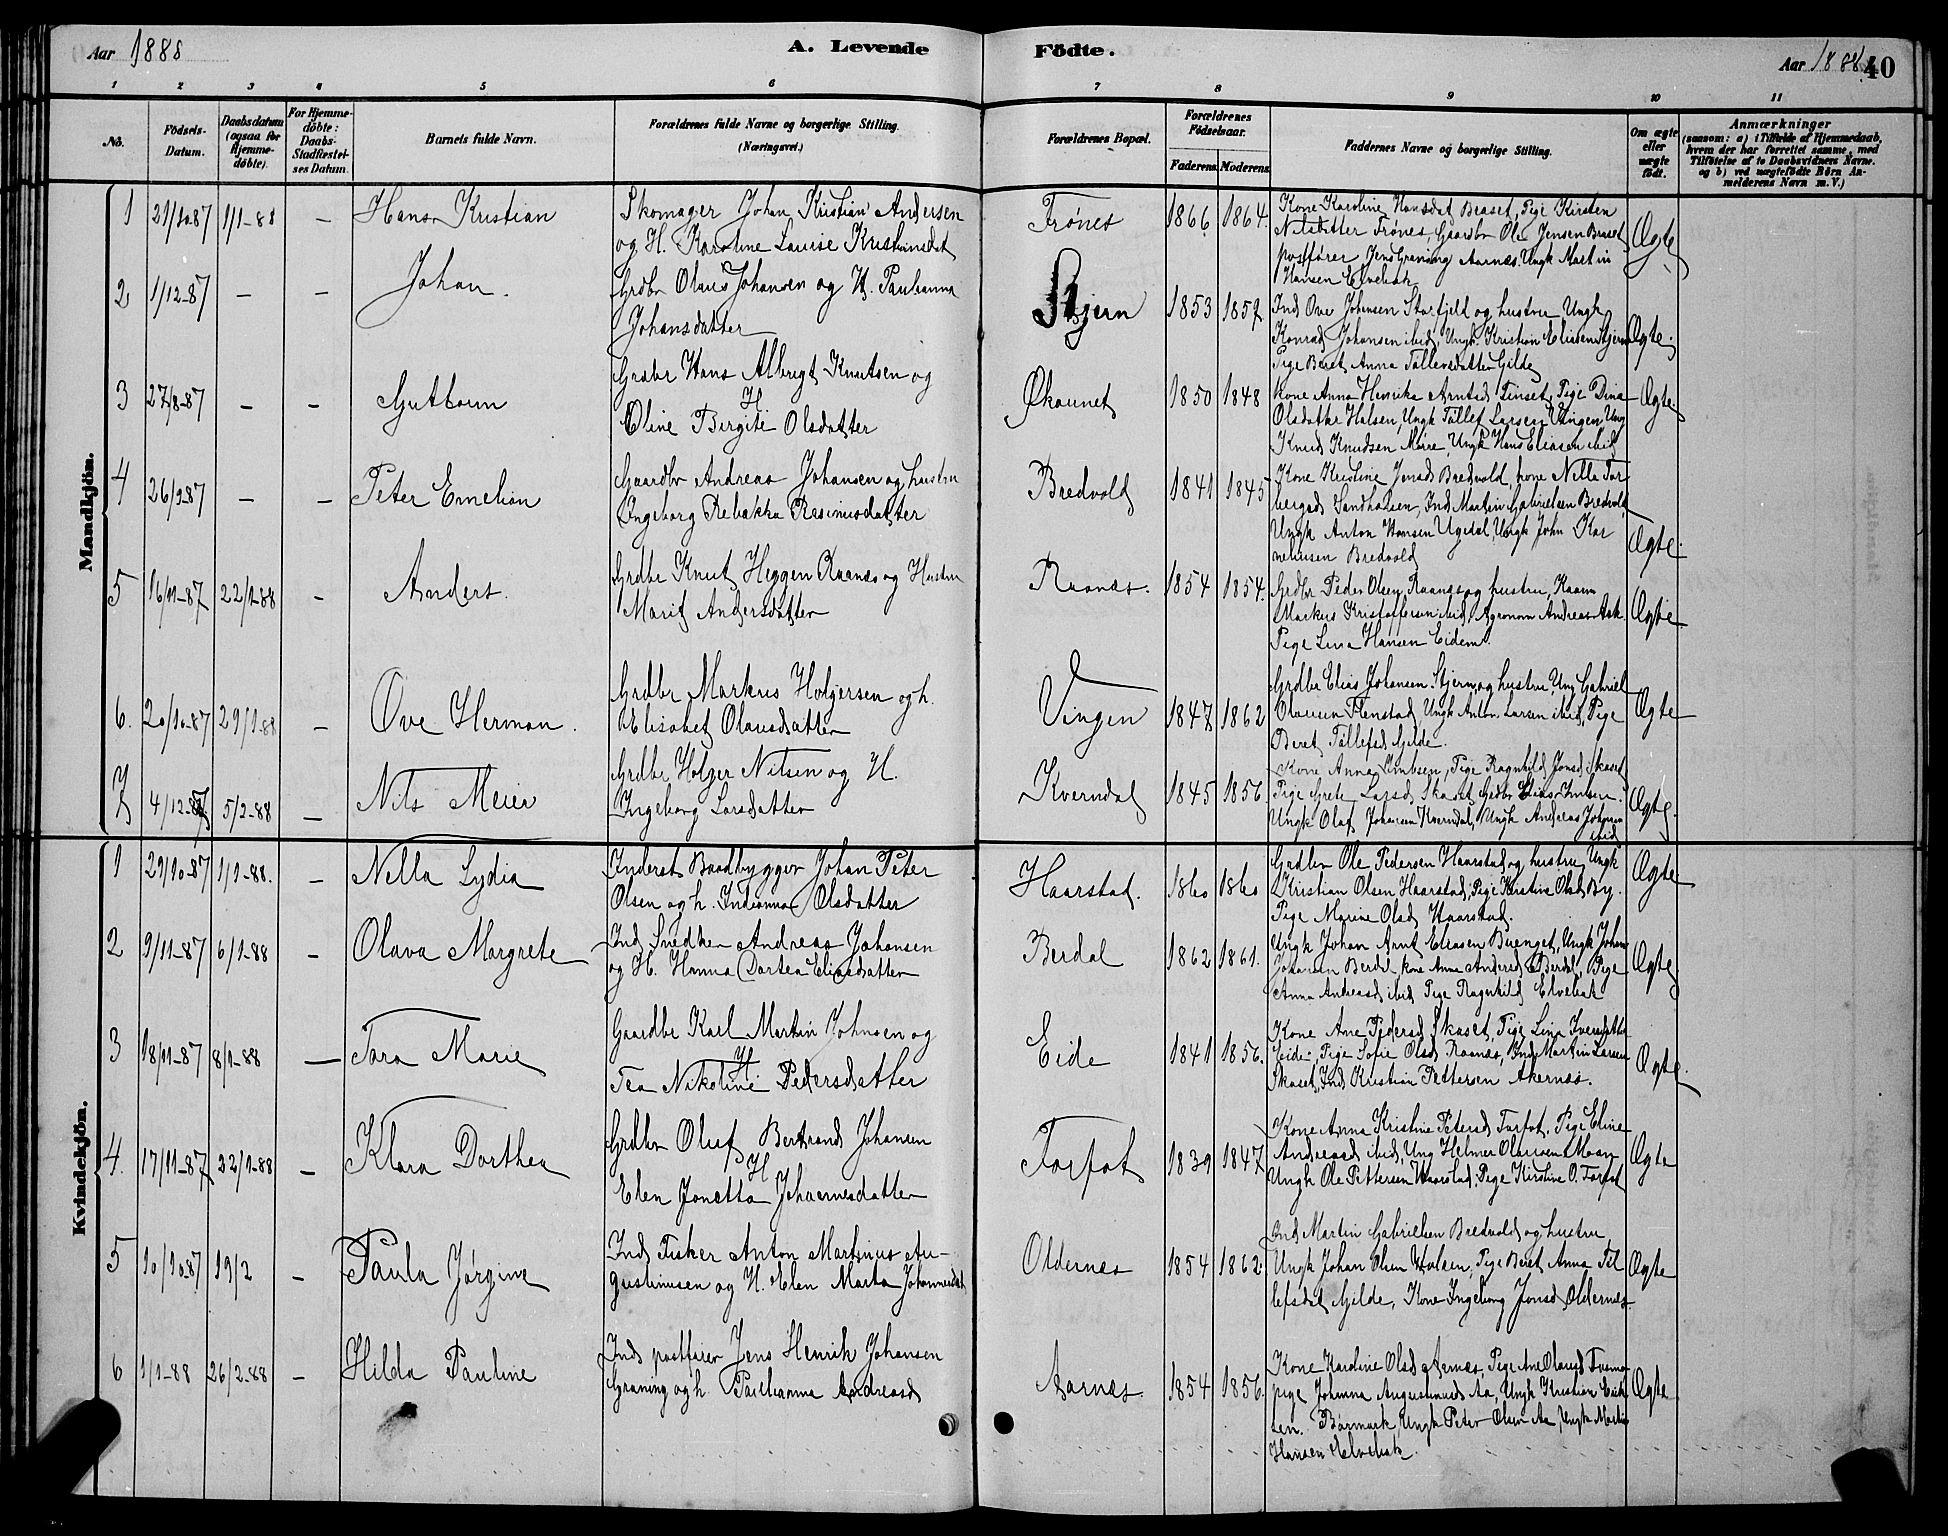 SAT, Ministerialprotokoller, klokkerbøker og fødselsregistre - Sør-Trøndelag, 655/L0687: Klokkerbok nr. 655C03, 1880-1898, s. 40